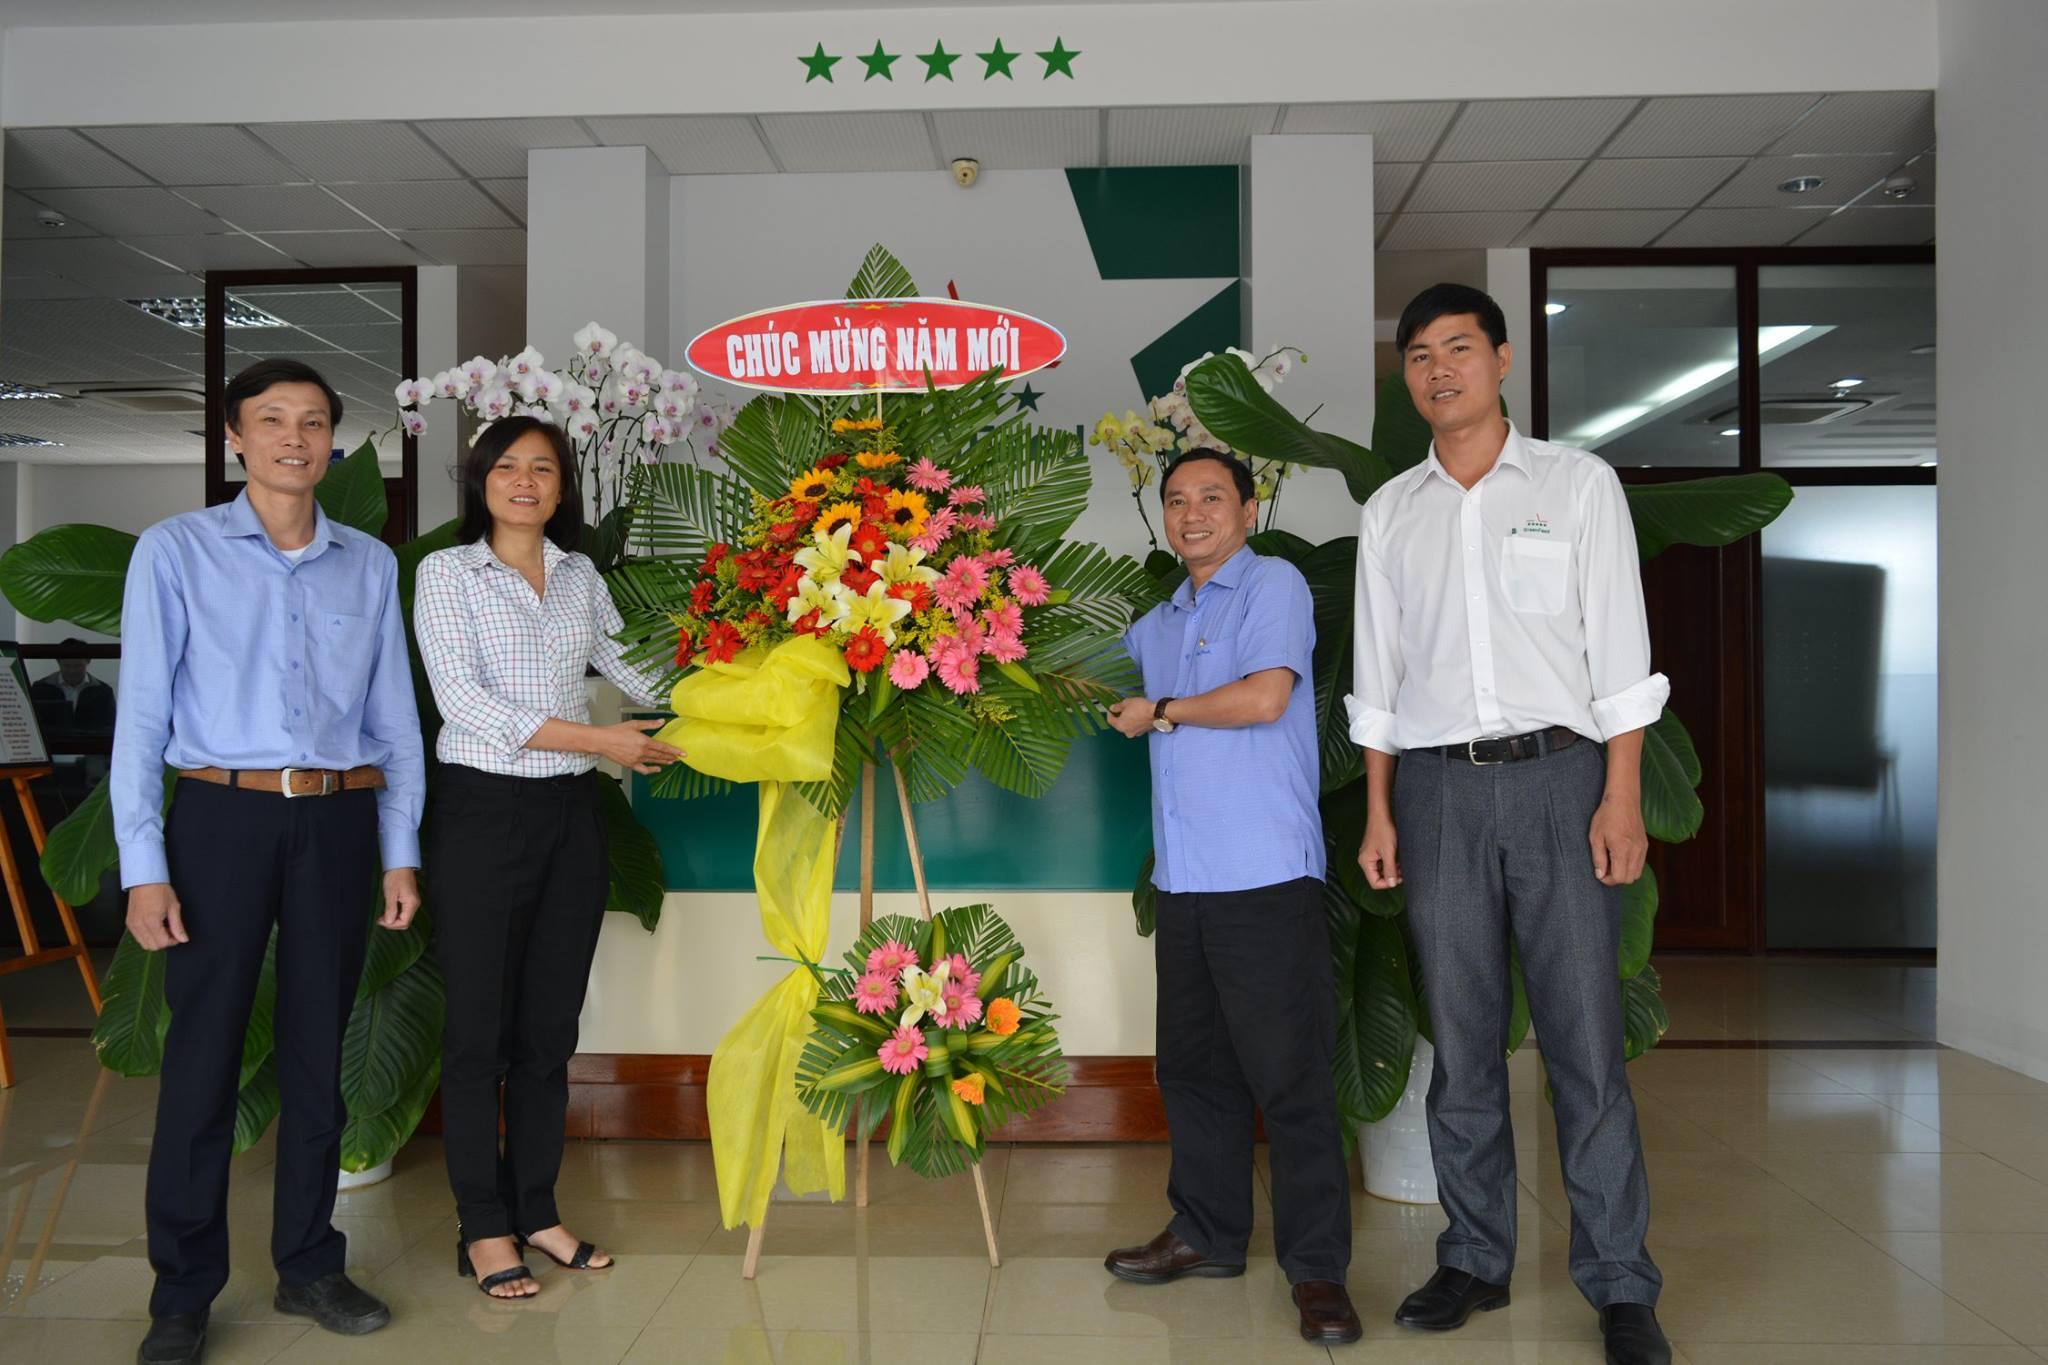 Buổi trải nghiệm của sinh viên trường Cao đẳng Kinh tế Kỹ thuật Quảng Nam tại nhà máy GreenFeed Bình Định